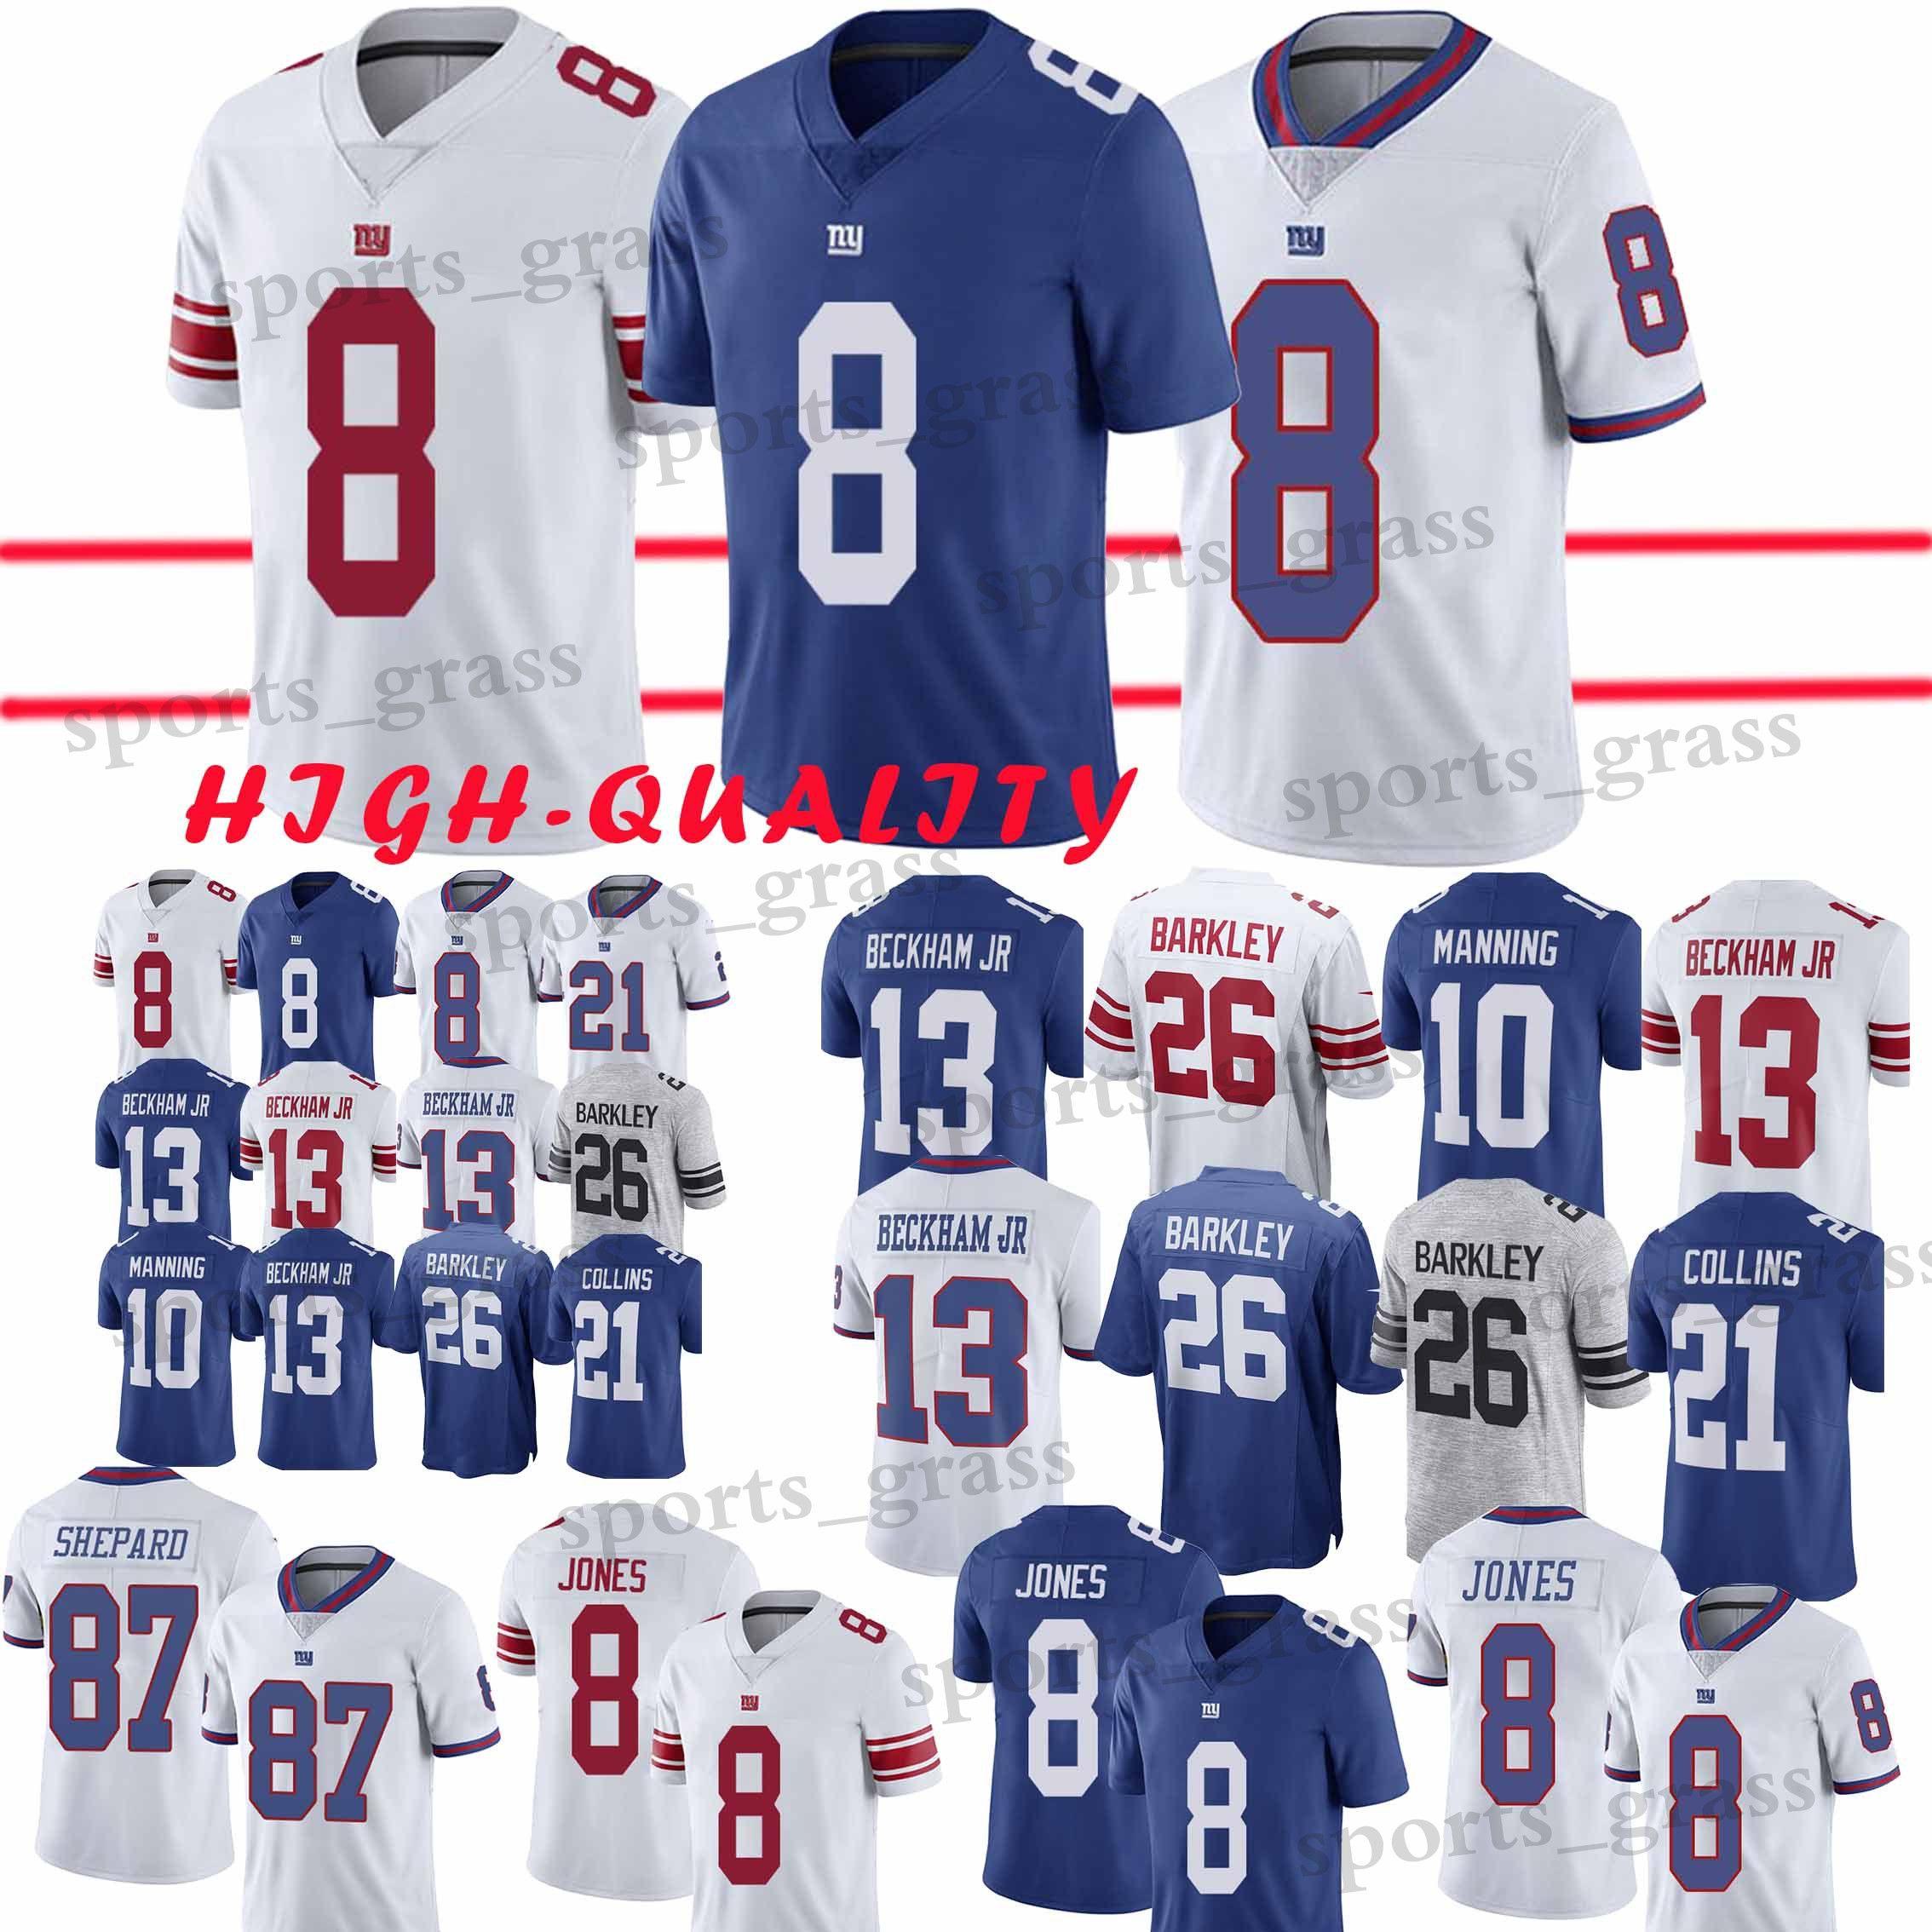 online retailer 7ec7a 7aaa4 8 Daniel Jones jersey New York Gaint Jerseys 26 Saquon Barkley 13 Odell  Beckham Jr 10 Eli Manning Football Jersey promotion